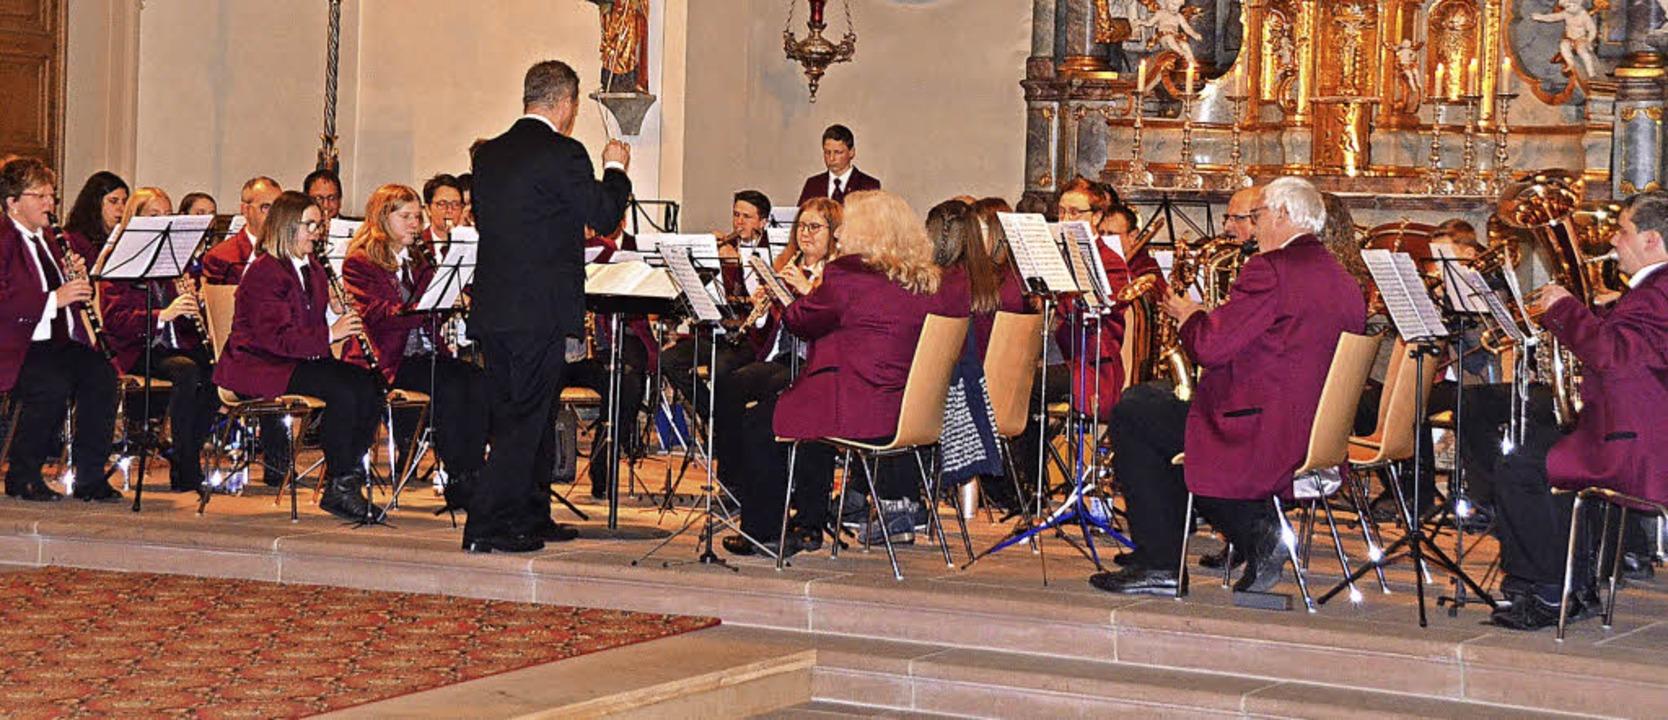 Der Musikverein Oberhausen spielte unt...alisch anspruchsvolles Kirchenkonzert.  | Foto: Jörg Schimanski